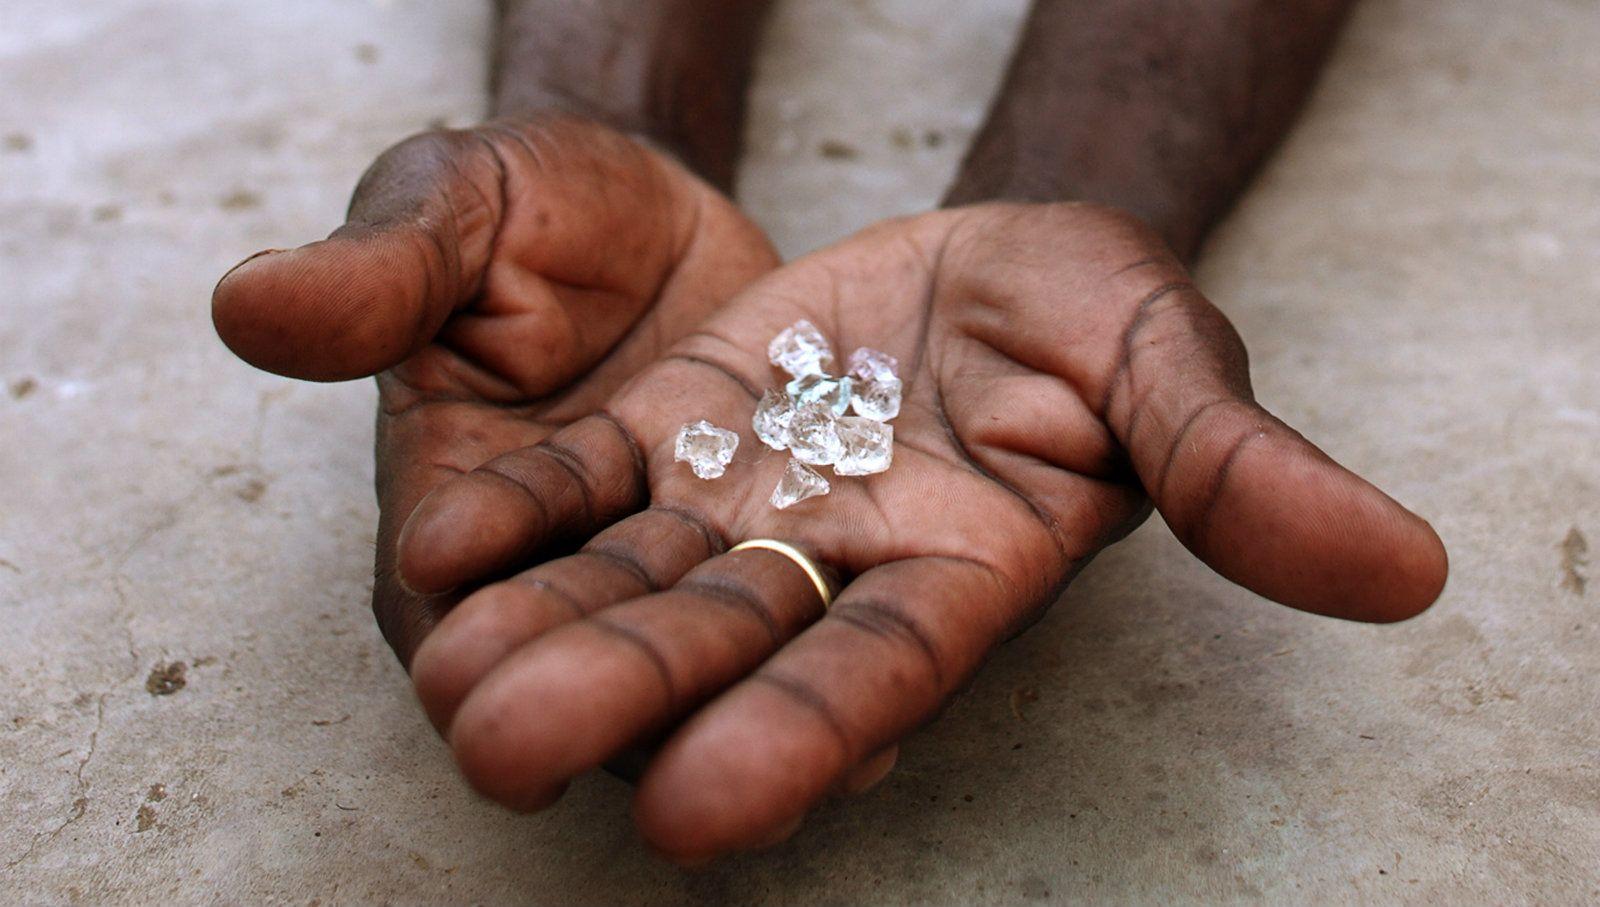 незаконные бриллианты, бриллианты Латинской Америки, vigiljournal.com